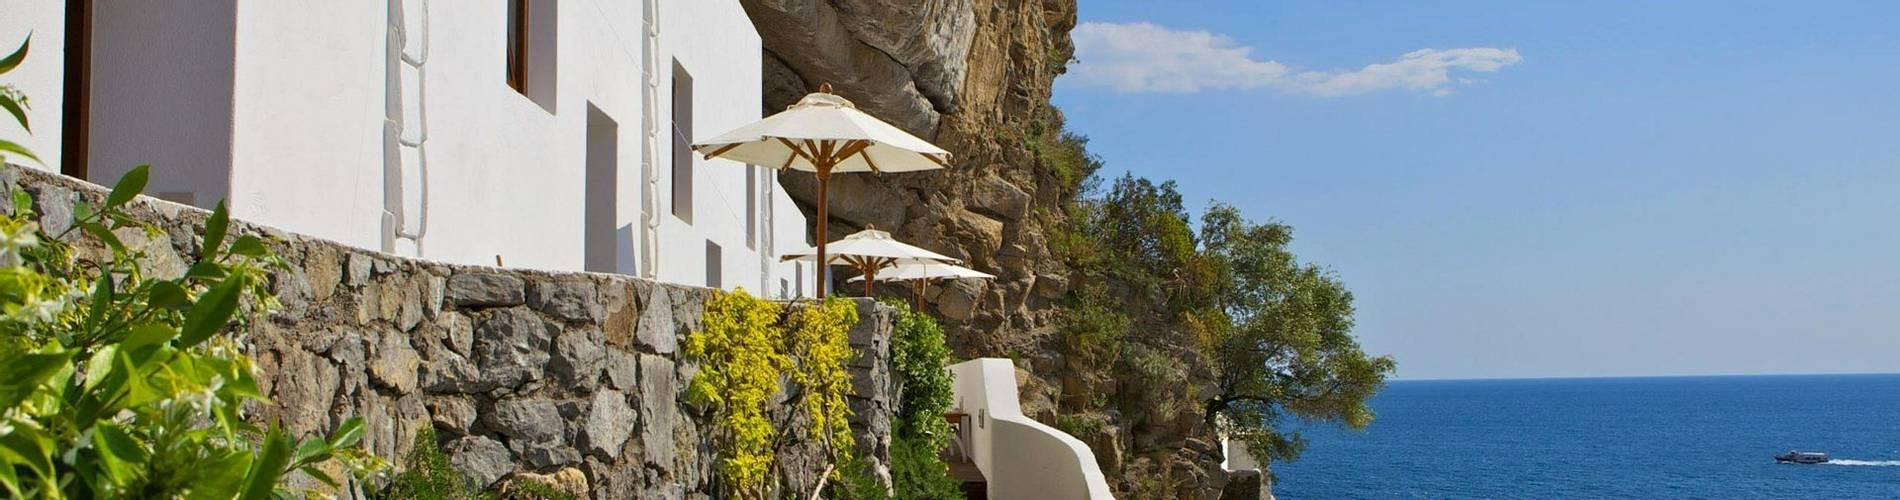 Casa Angelina, Amalfi Coast, Italy (81).jpg